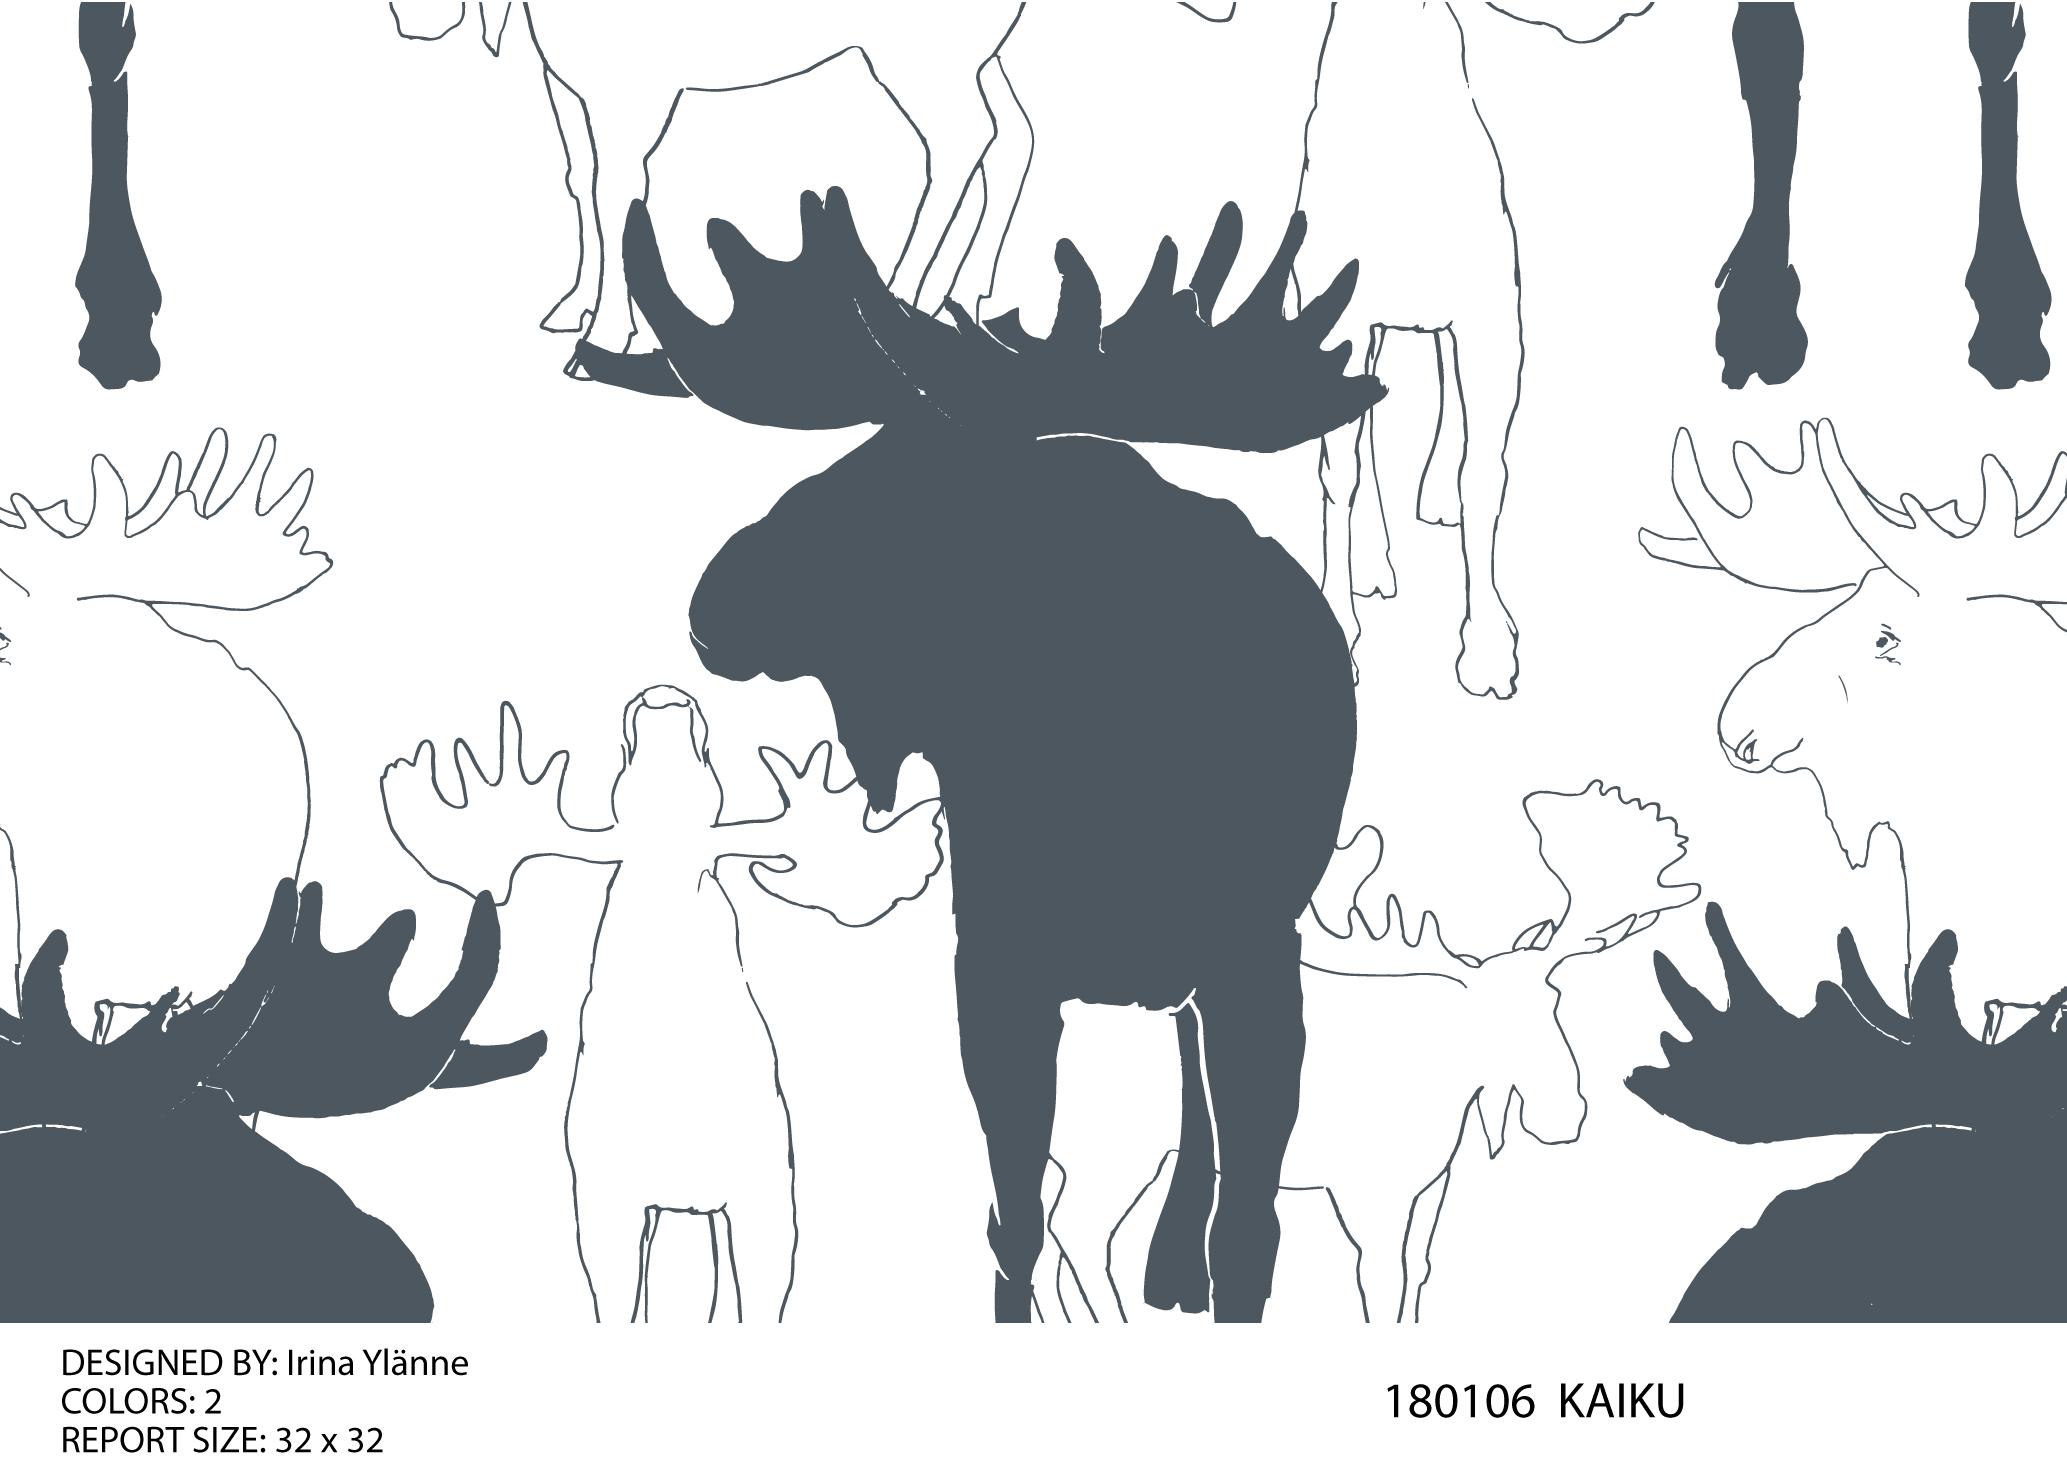 irinas_kaiku_180106-01